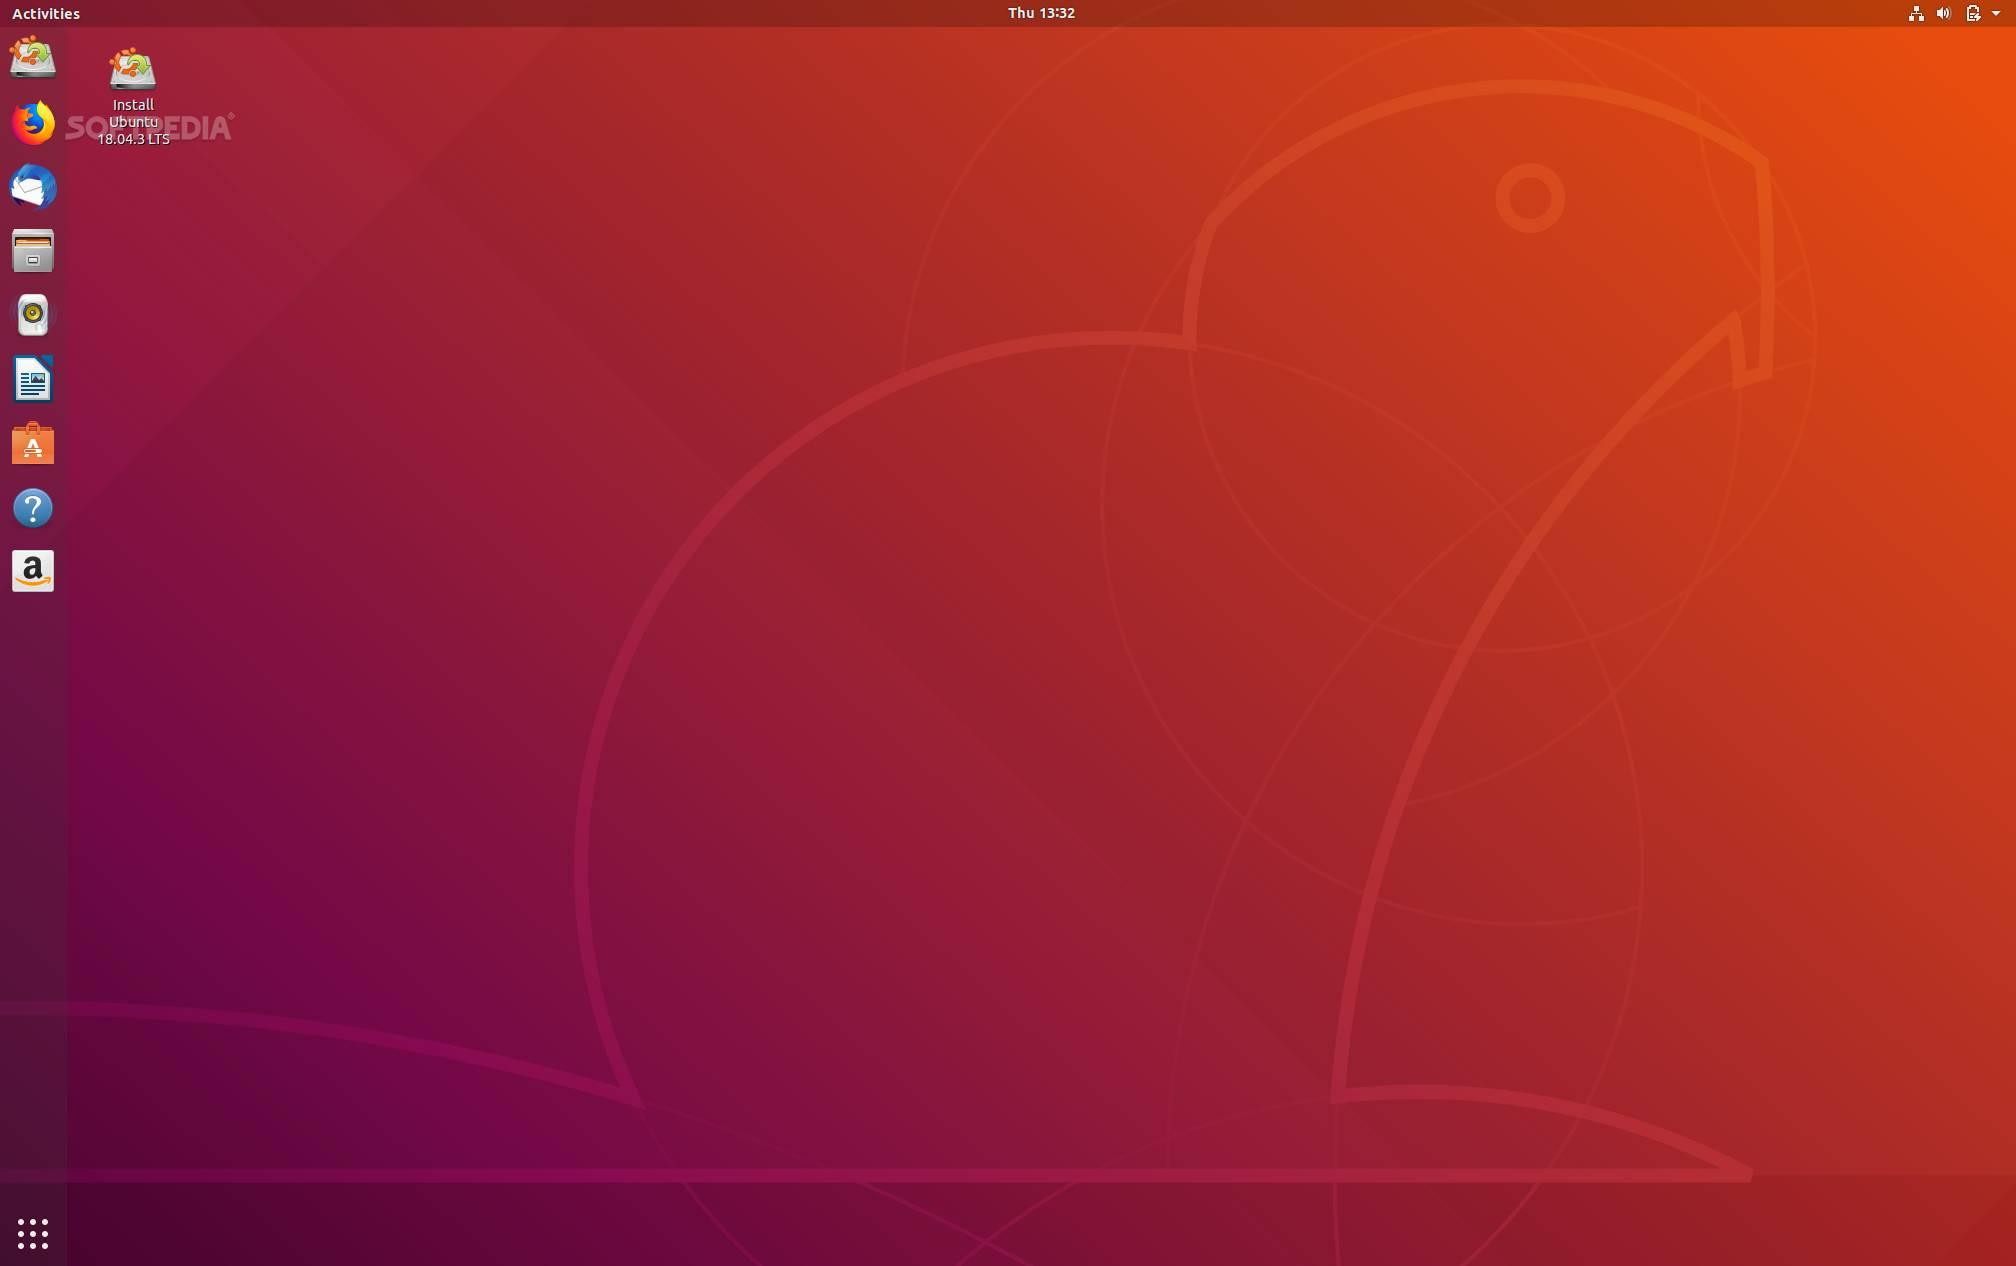 Ubuntu 18.04.3 LTS pic 2